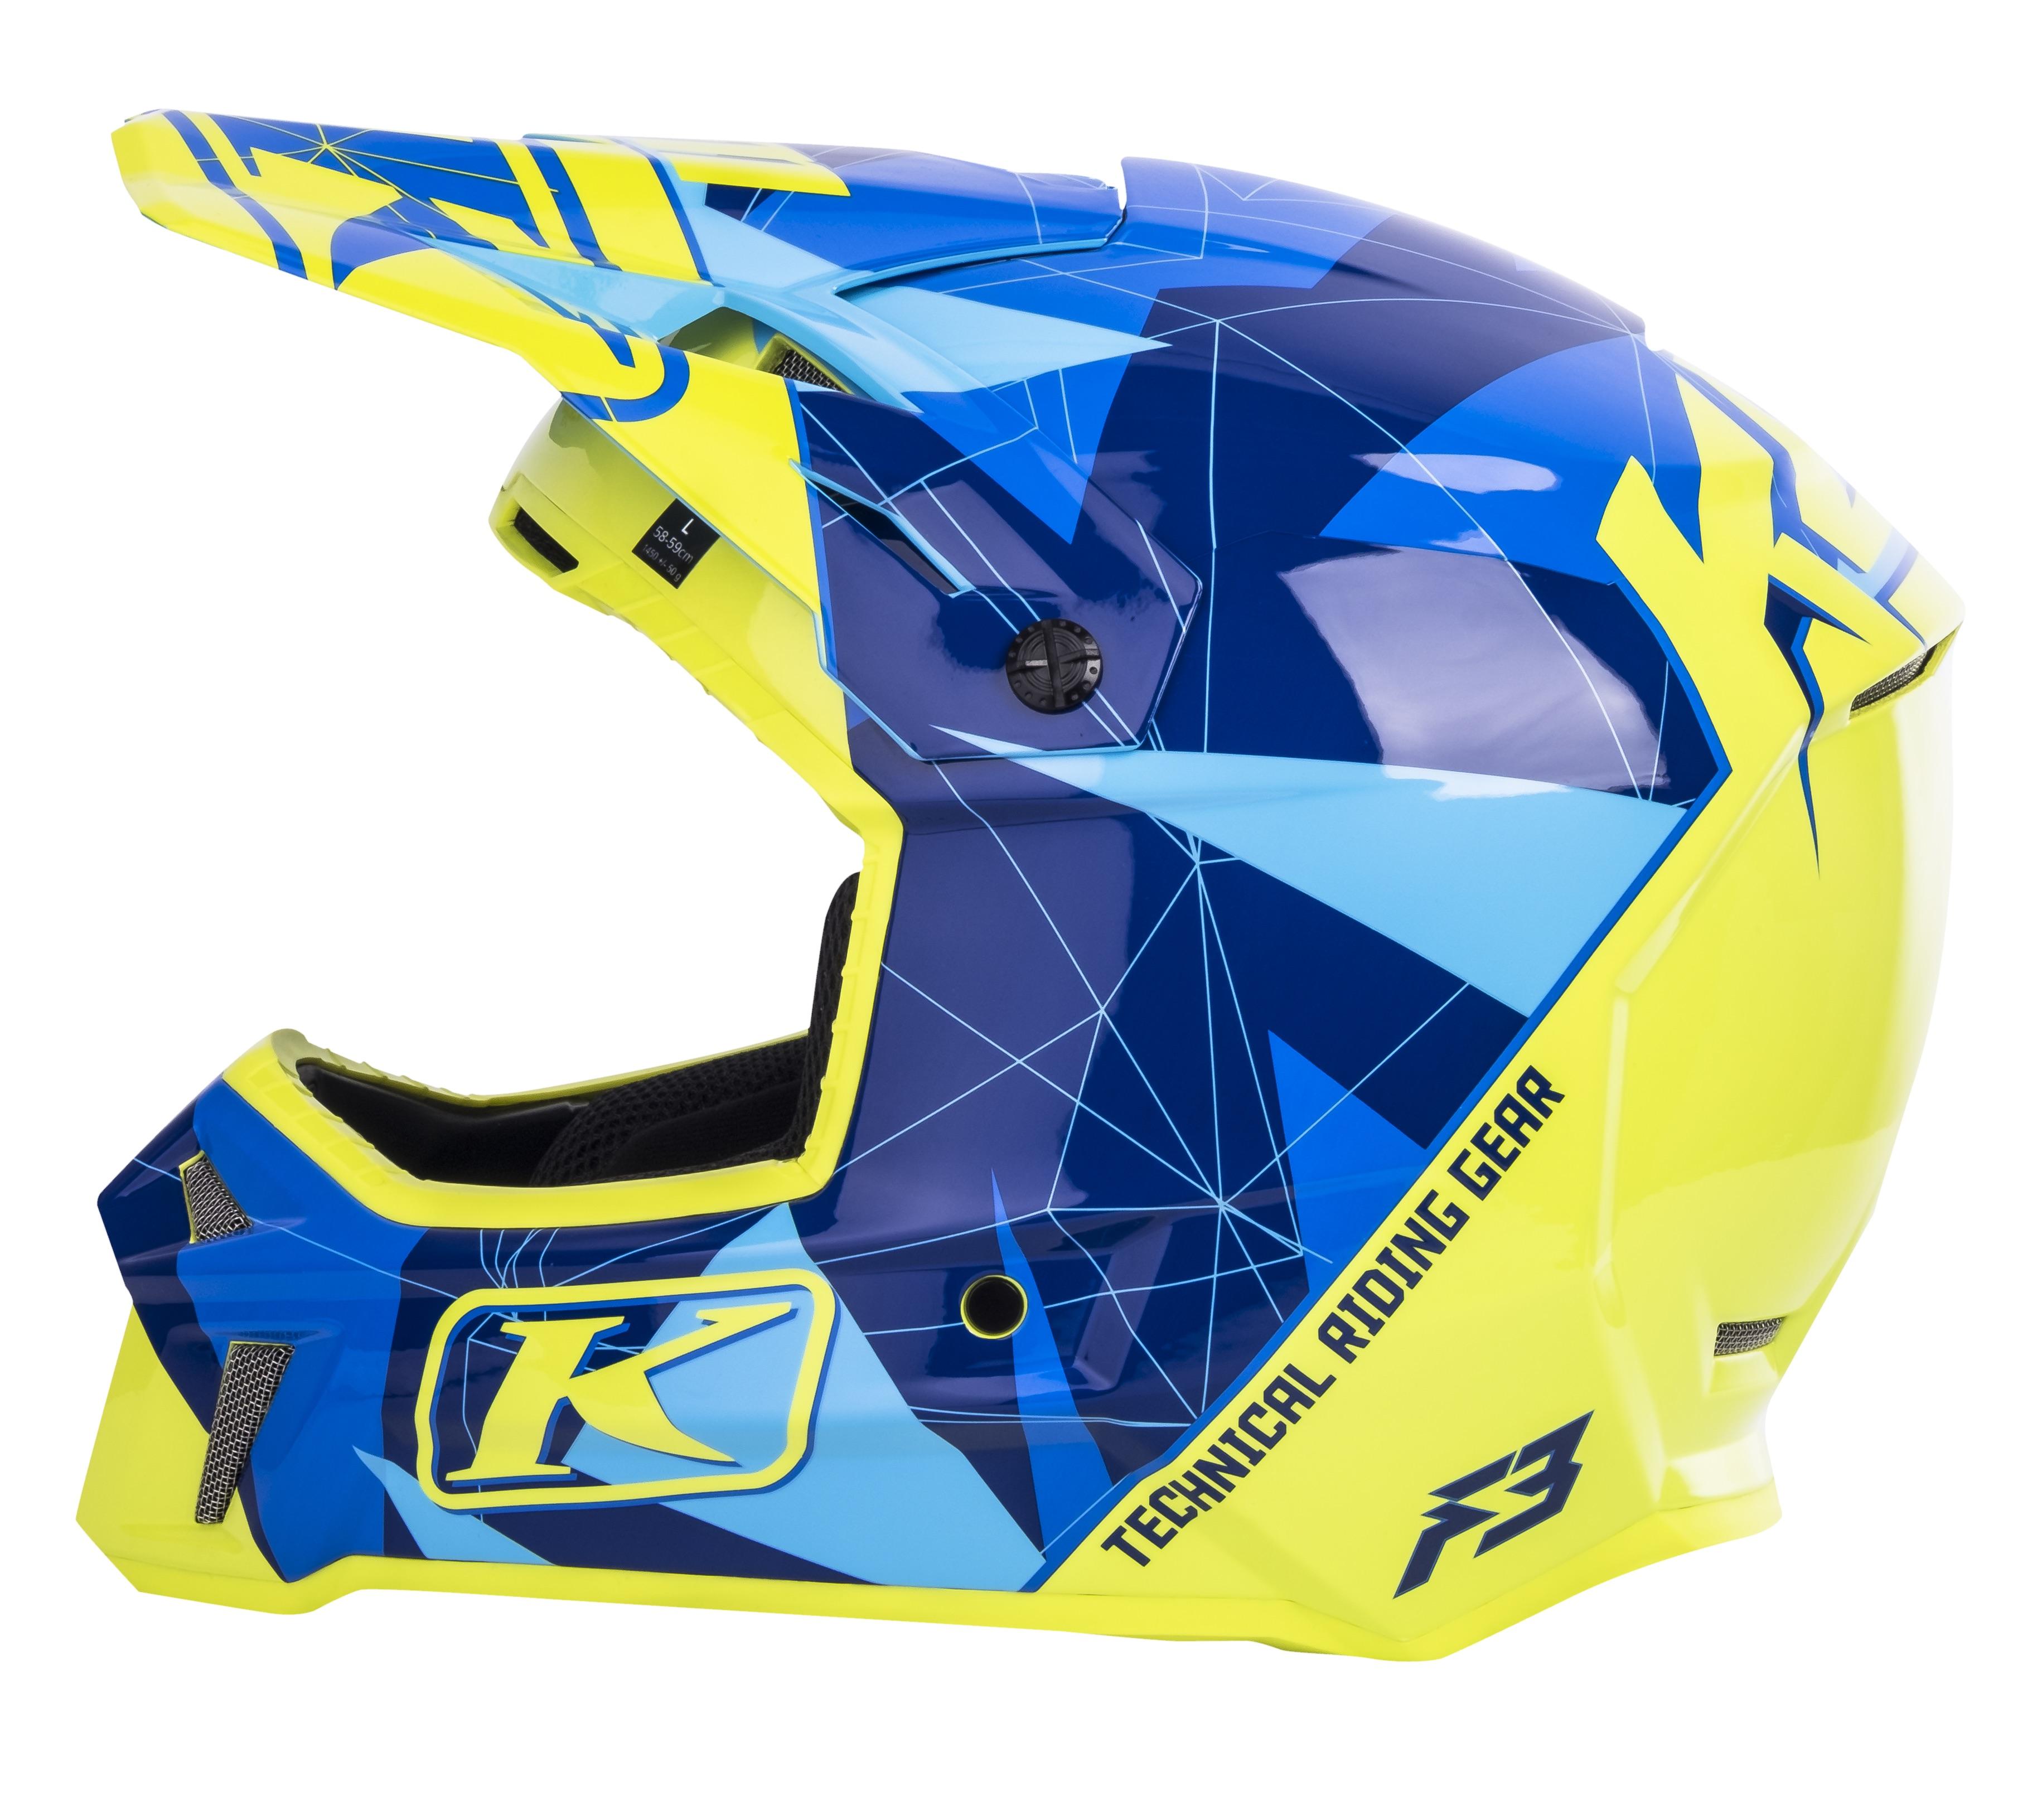 f3-helmet-3110-000_blue-camo_03